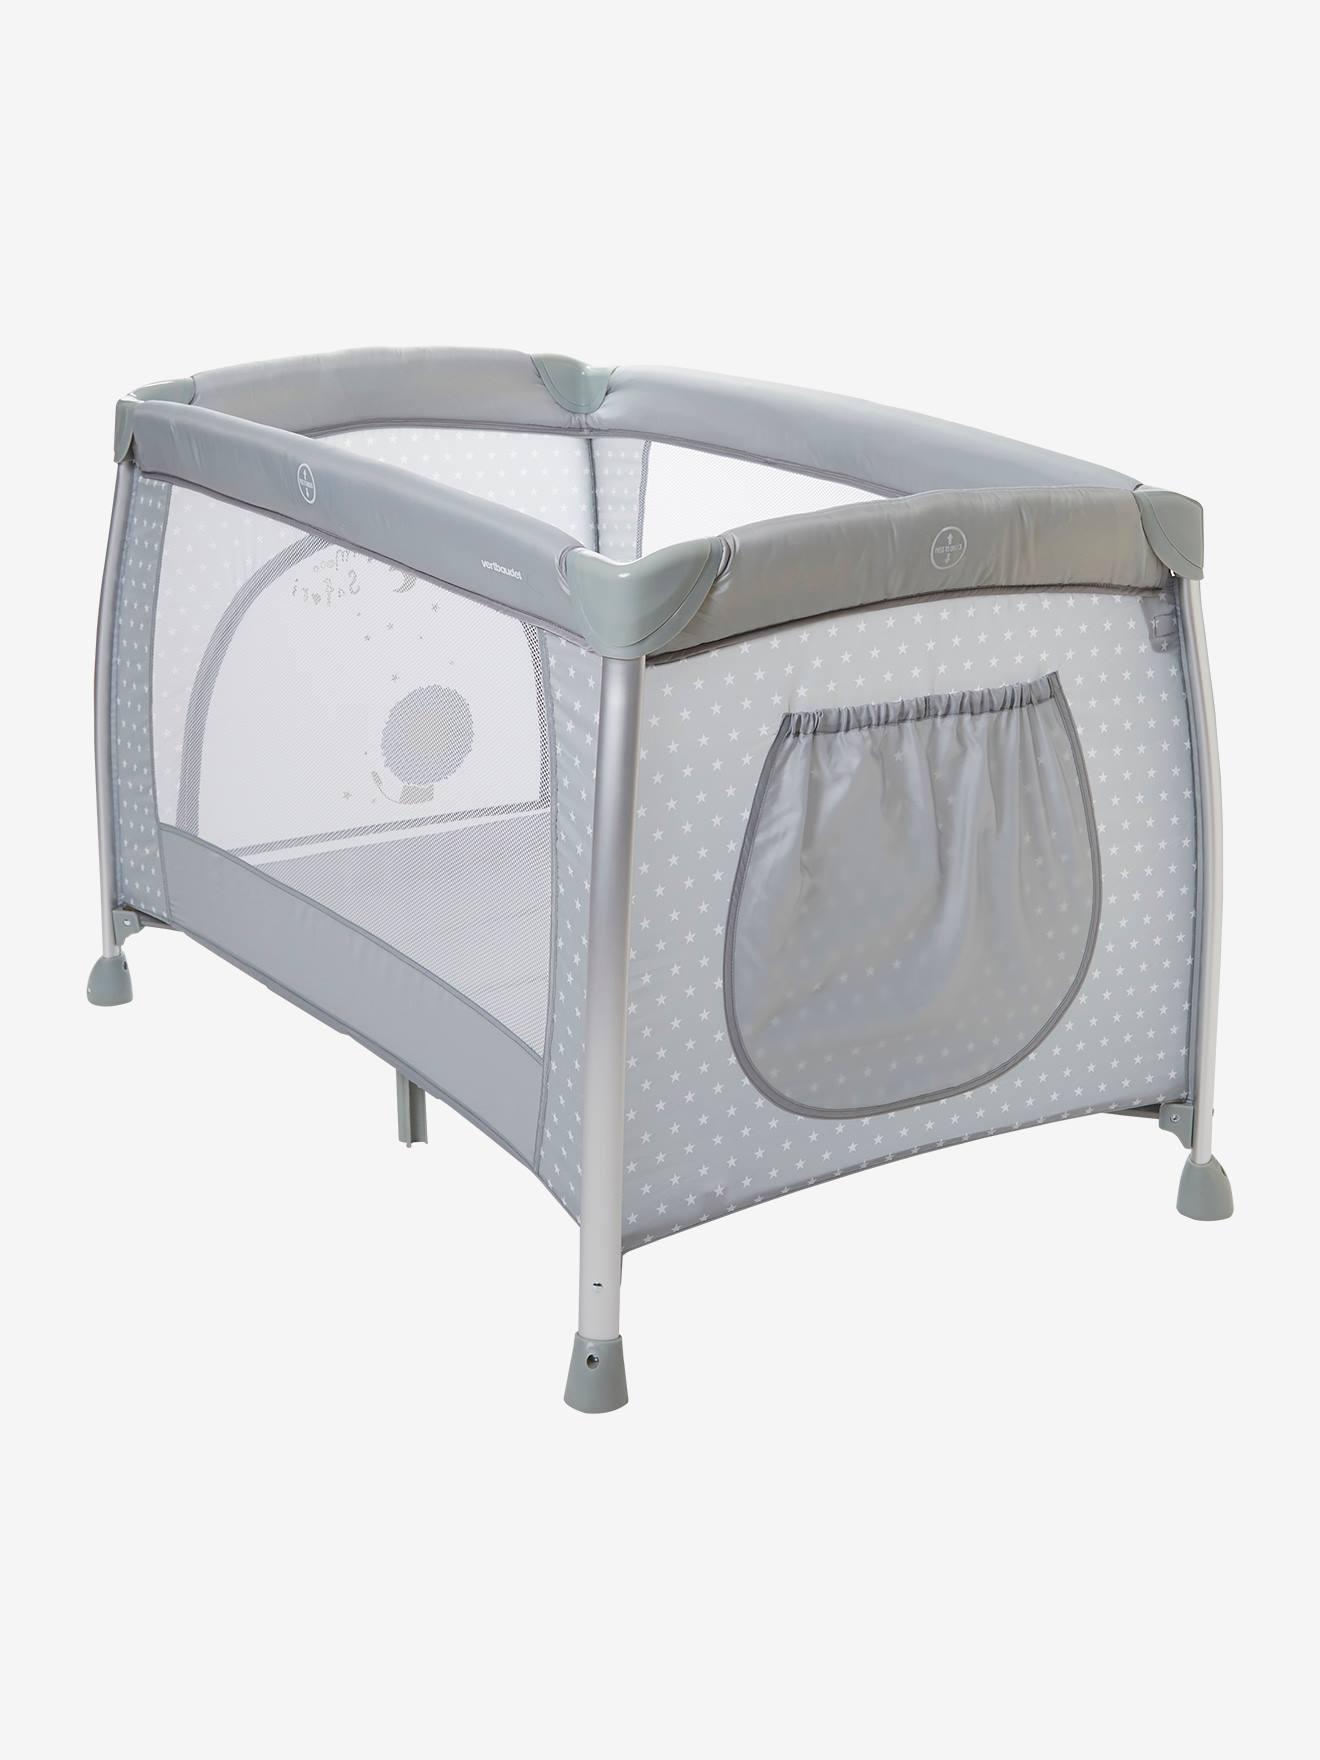 lit parapluie pliable mobi bed vertbaudet gris